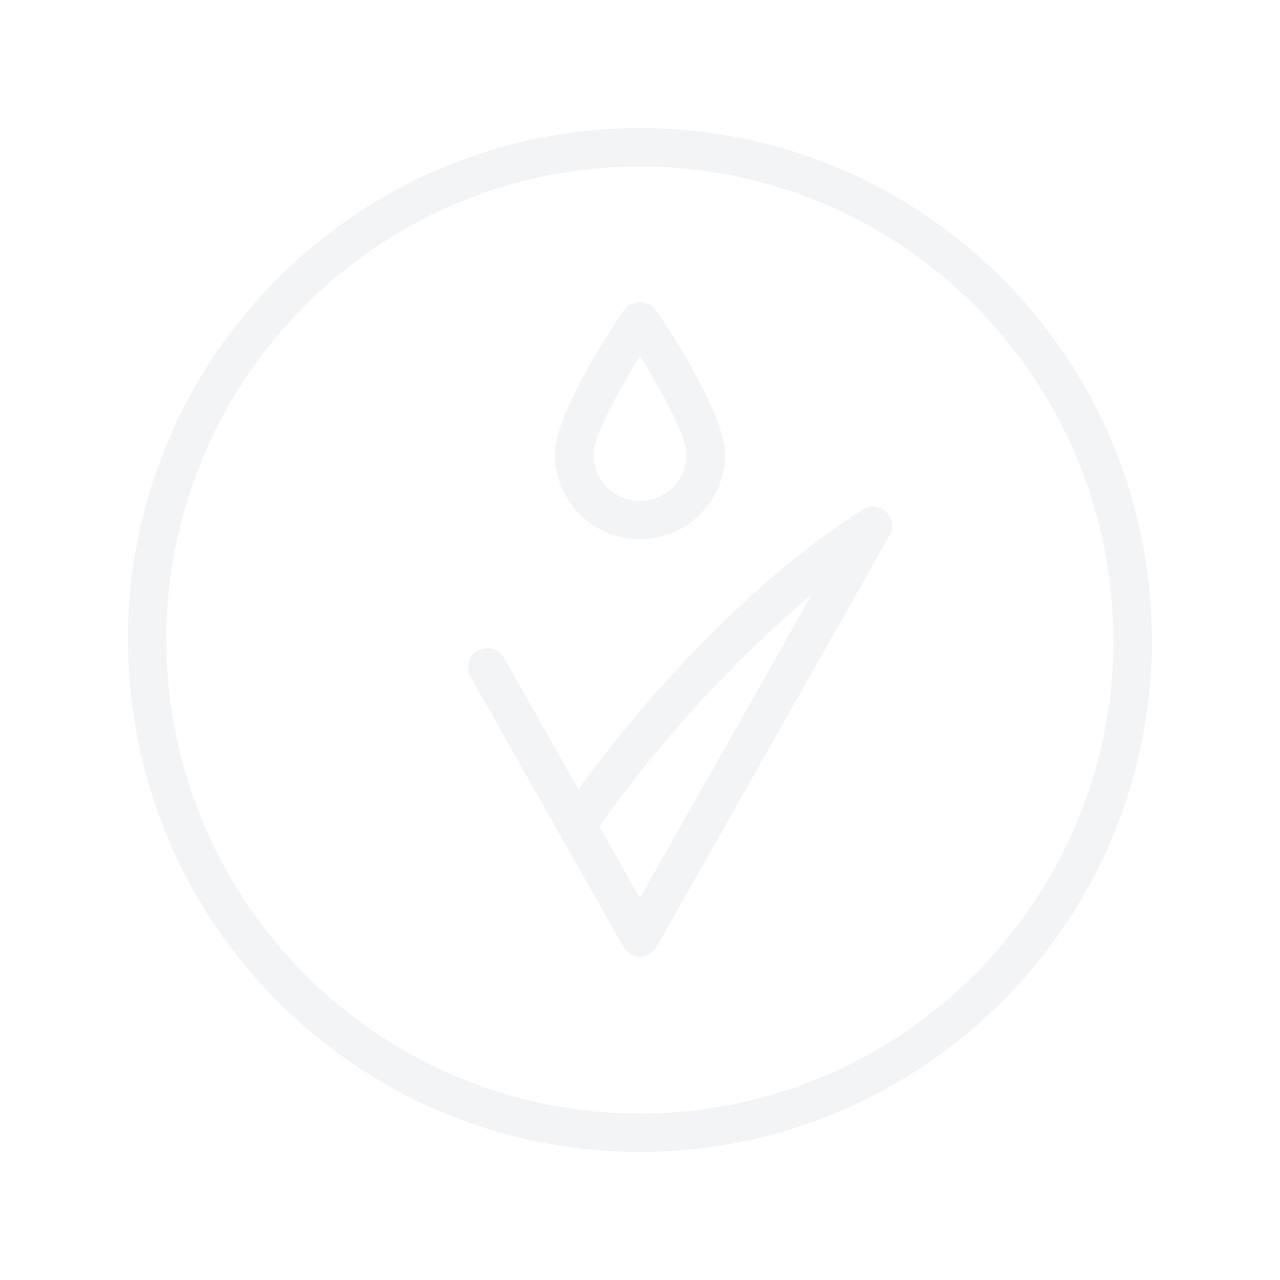 BEAUTYBLENDER Sweet Surprise Gift Set